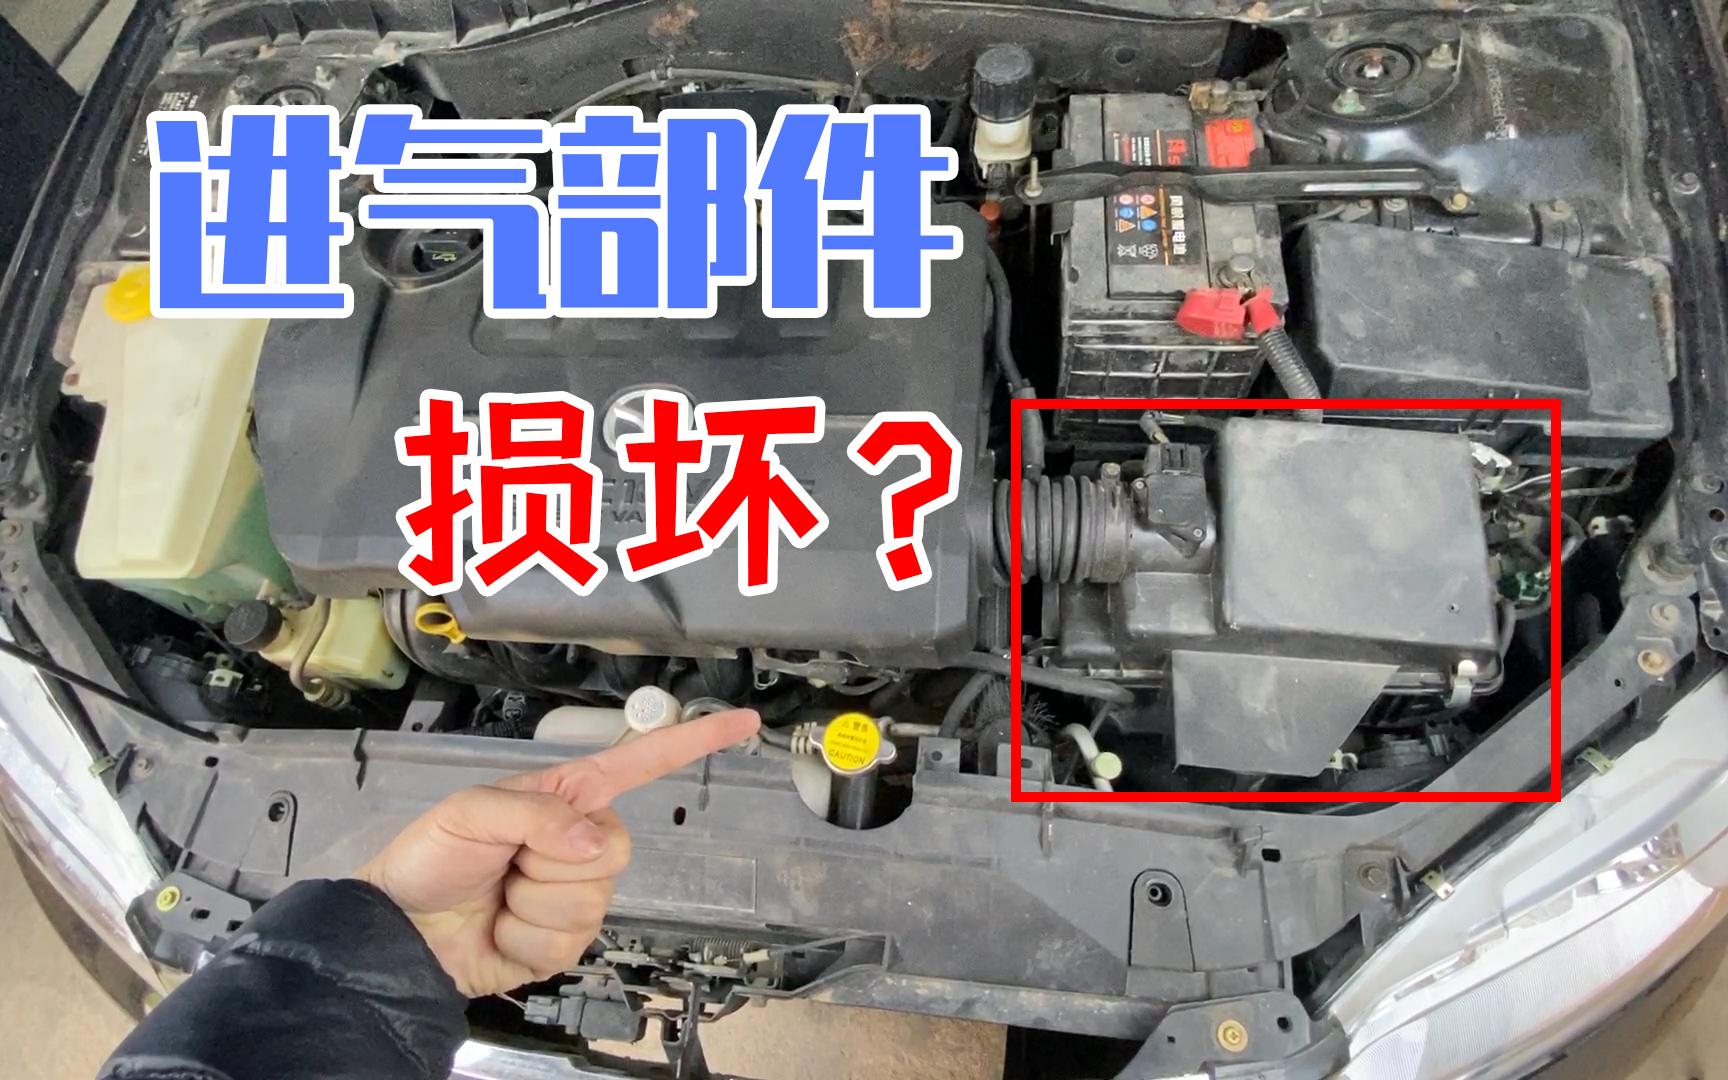 【撸车师兄】发动机舱有口哨声?不妨先检查一下这几个零件,普通车主也能修好